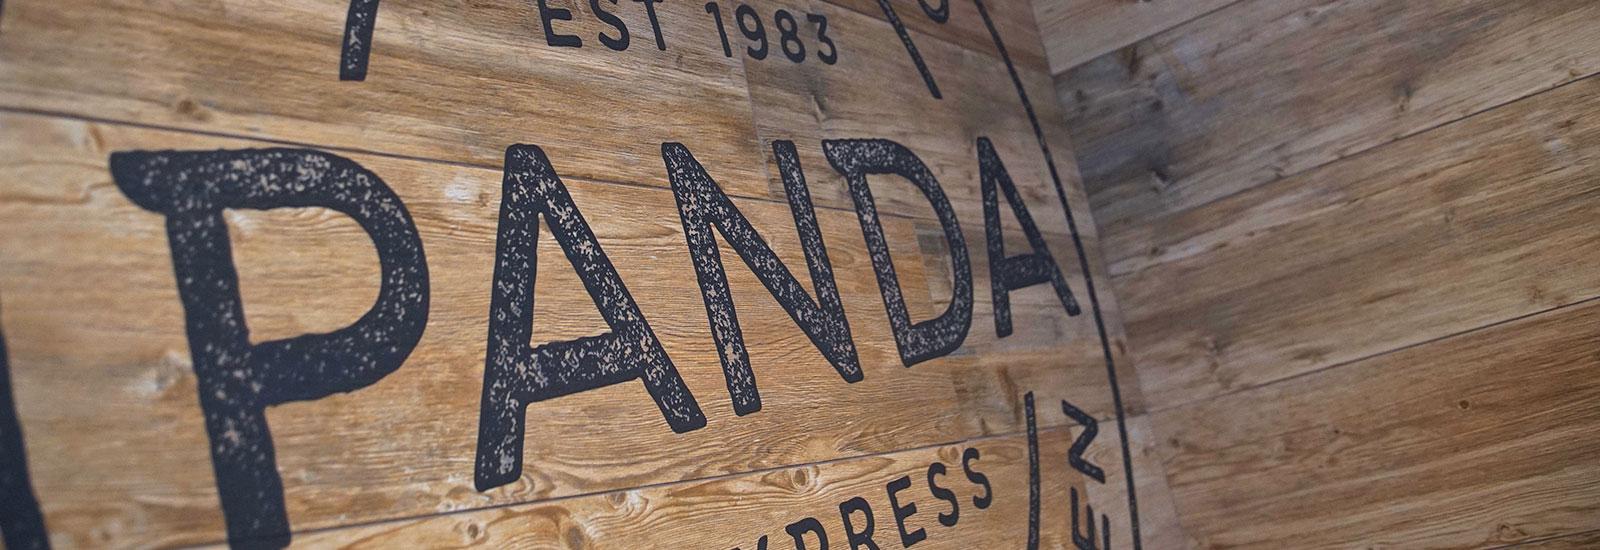 Panda Express logo on wood